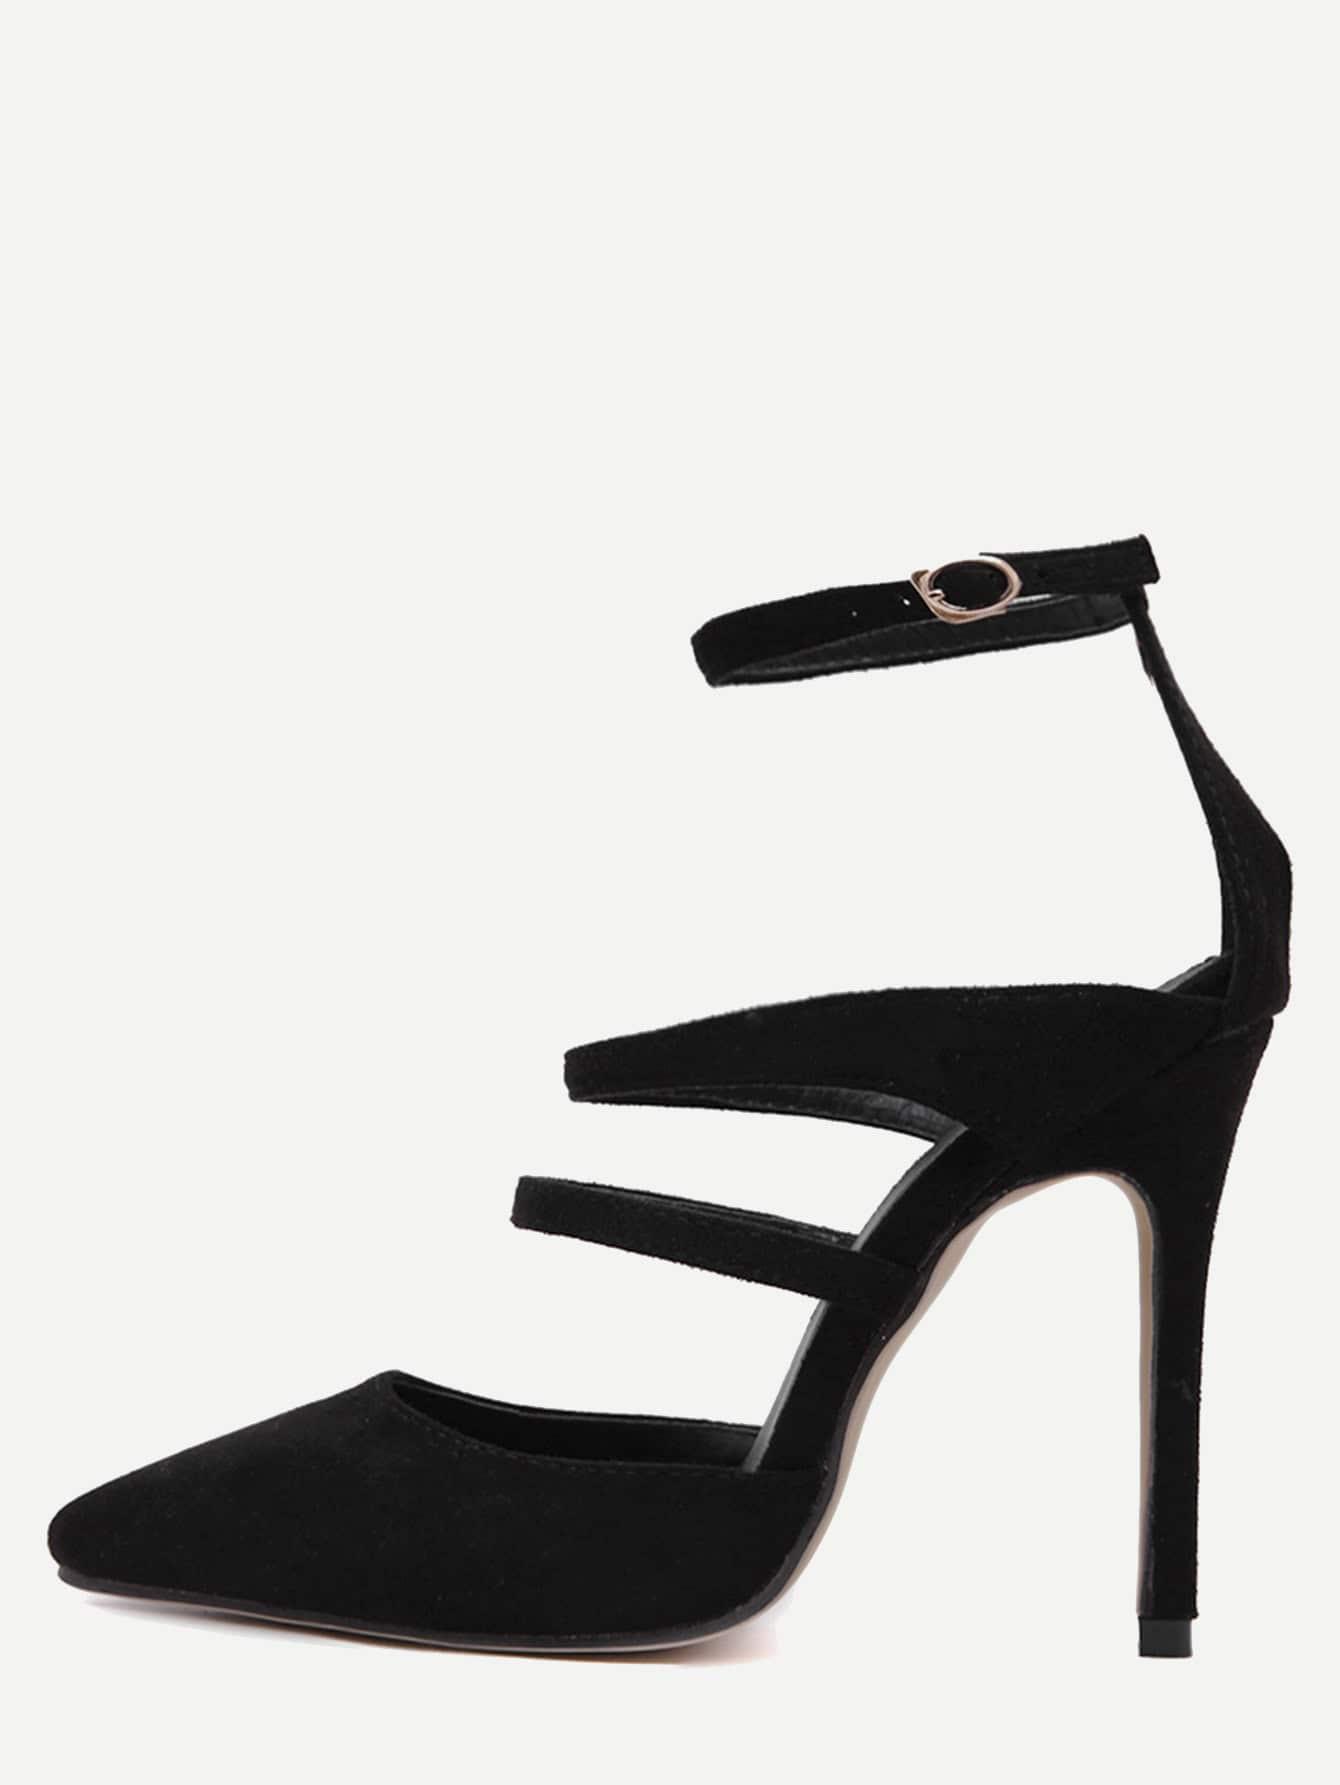 shoes160914802_2